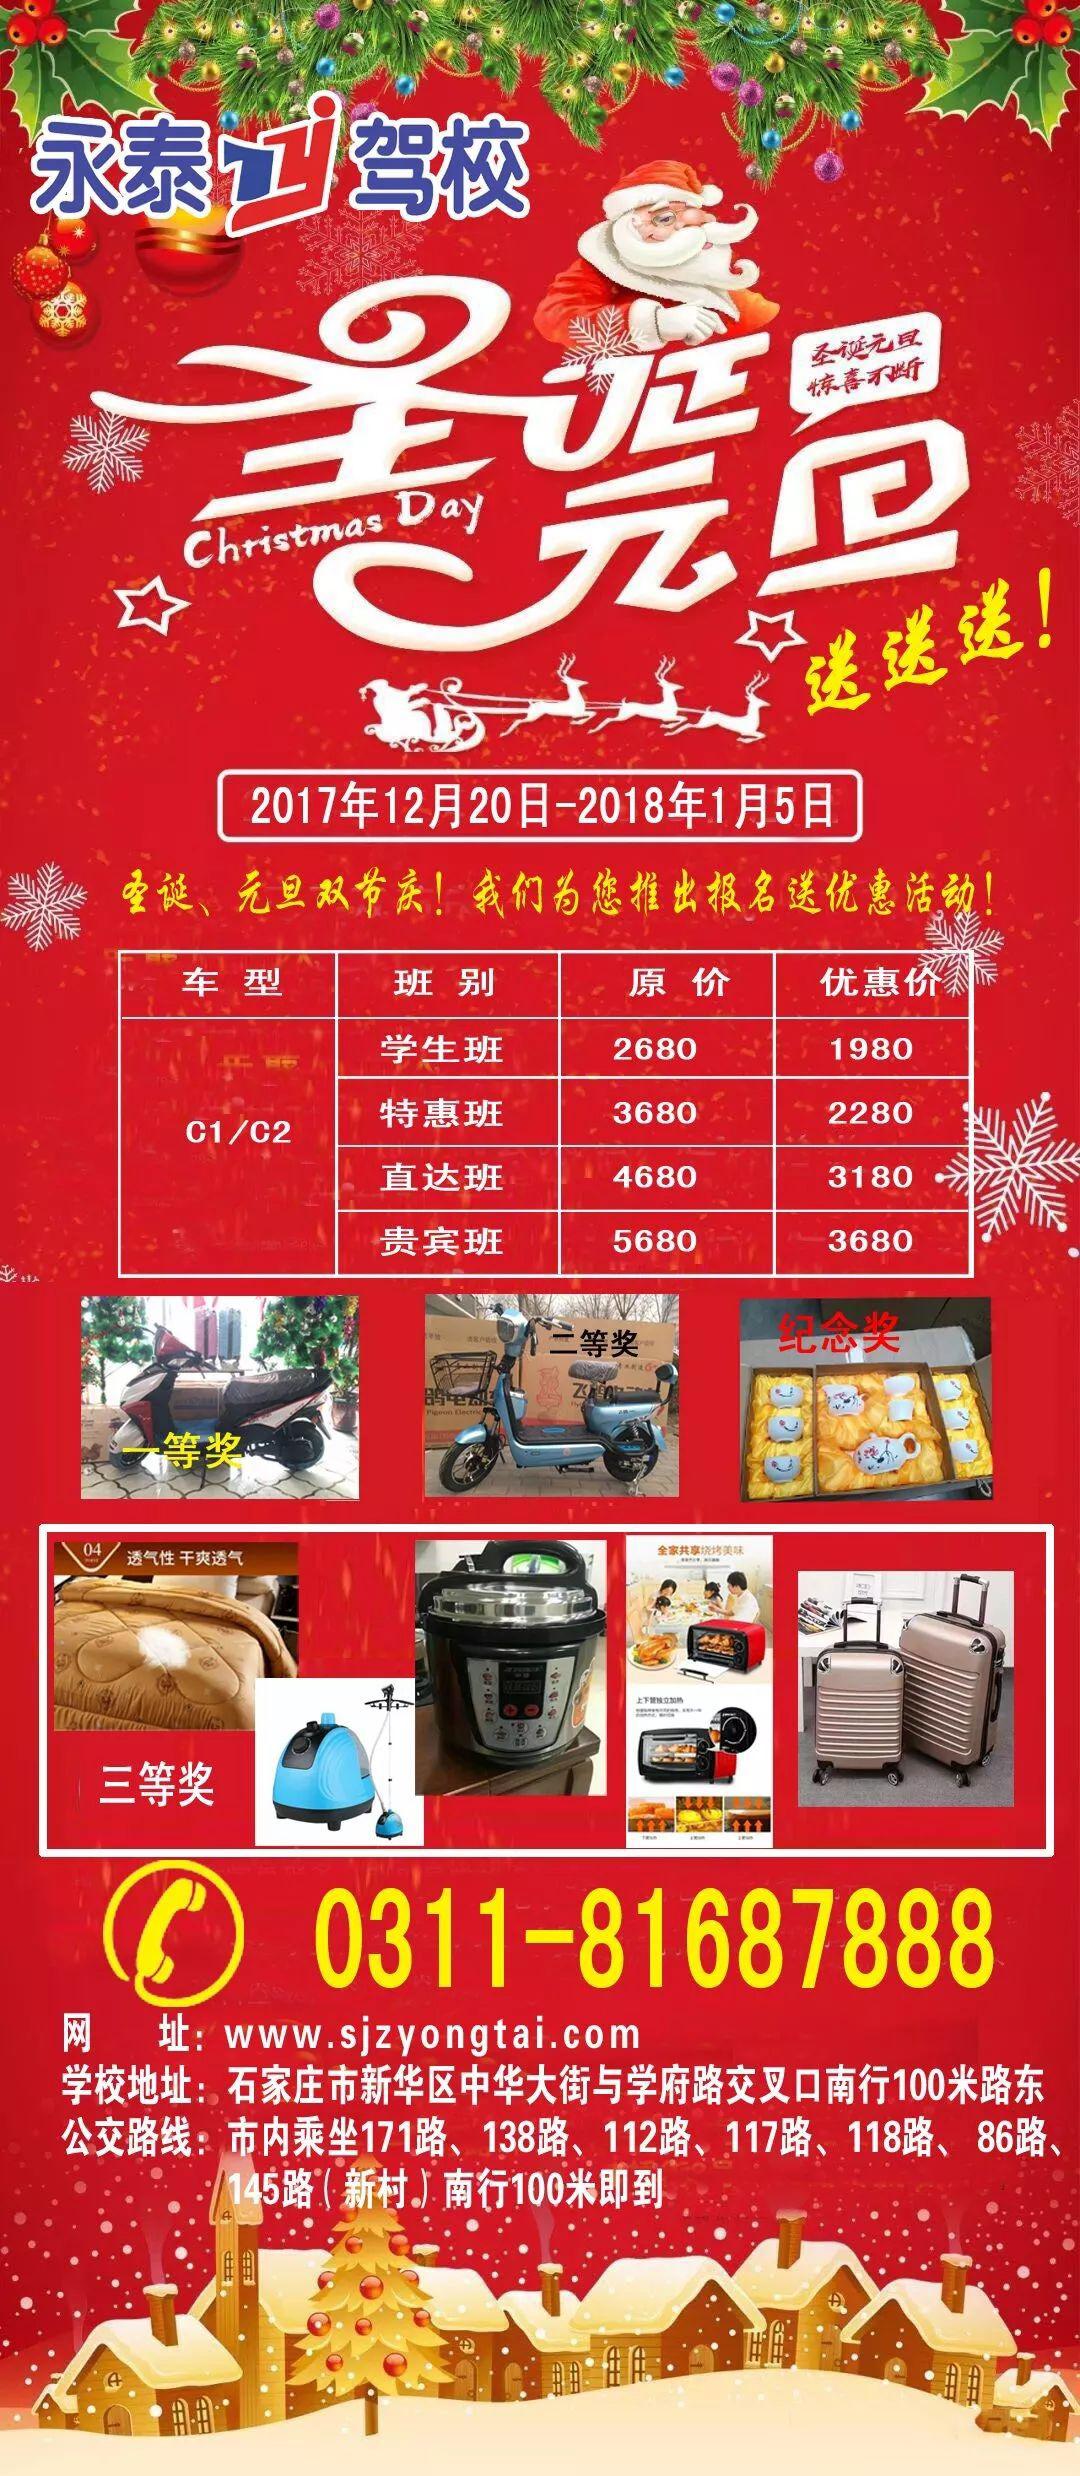 石家庄永泰驾校:圣诞+元旦感恩大回馈,现在知道还不晚!